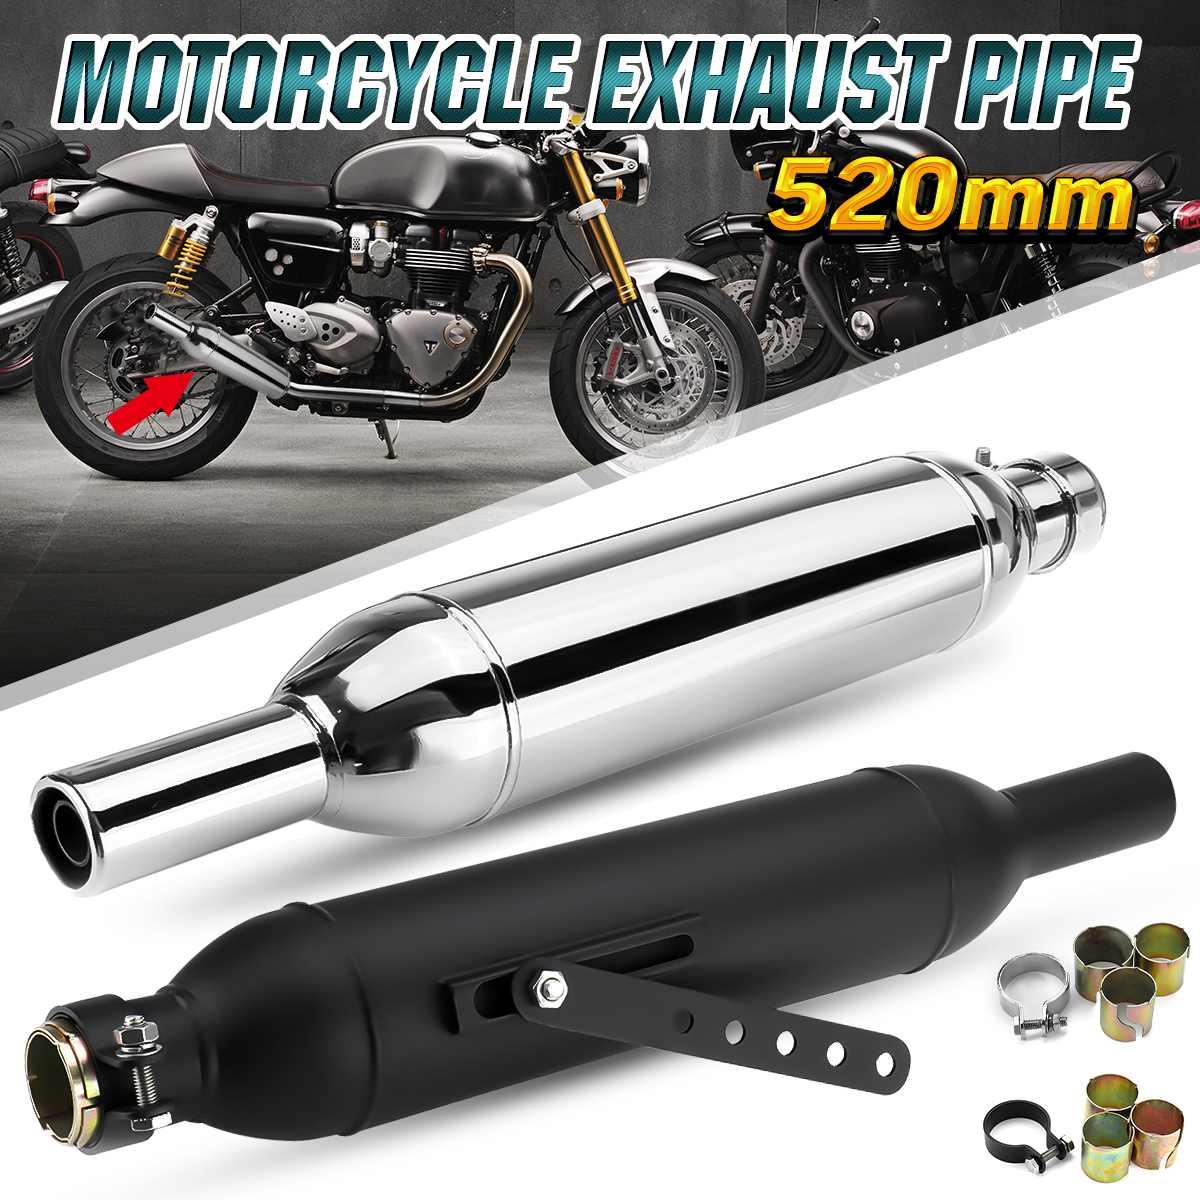 Universal Motor Exhaust Muffler Pipe For Harley Cafe Racer Bobber Street Bike